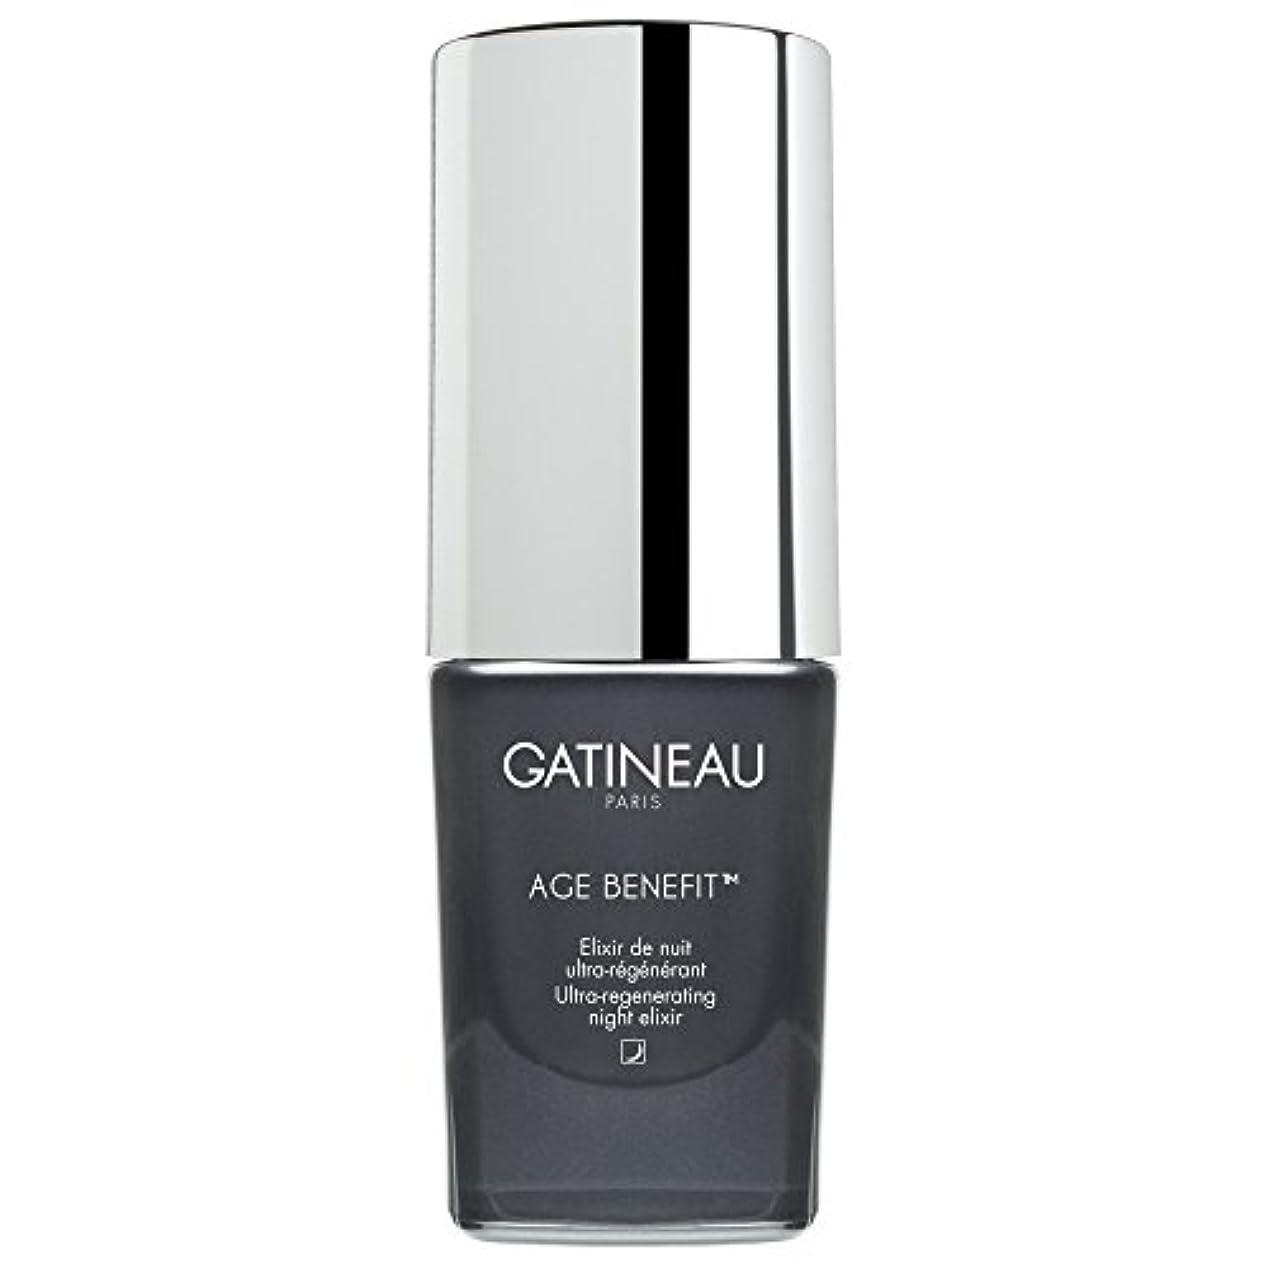 不完全な幸運言うまでもなくガティノー年齢給付超再生夜のエリクシルの15ミリリットル (Gatineau) - Gatineau Age Benefit Ultra-Regenerating Night Elixir 15ml [並行輸入品]